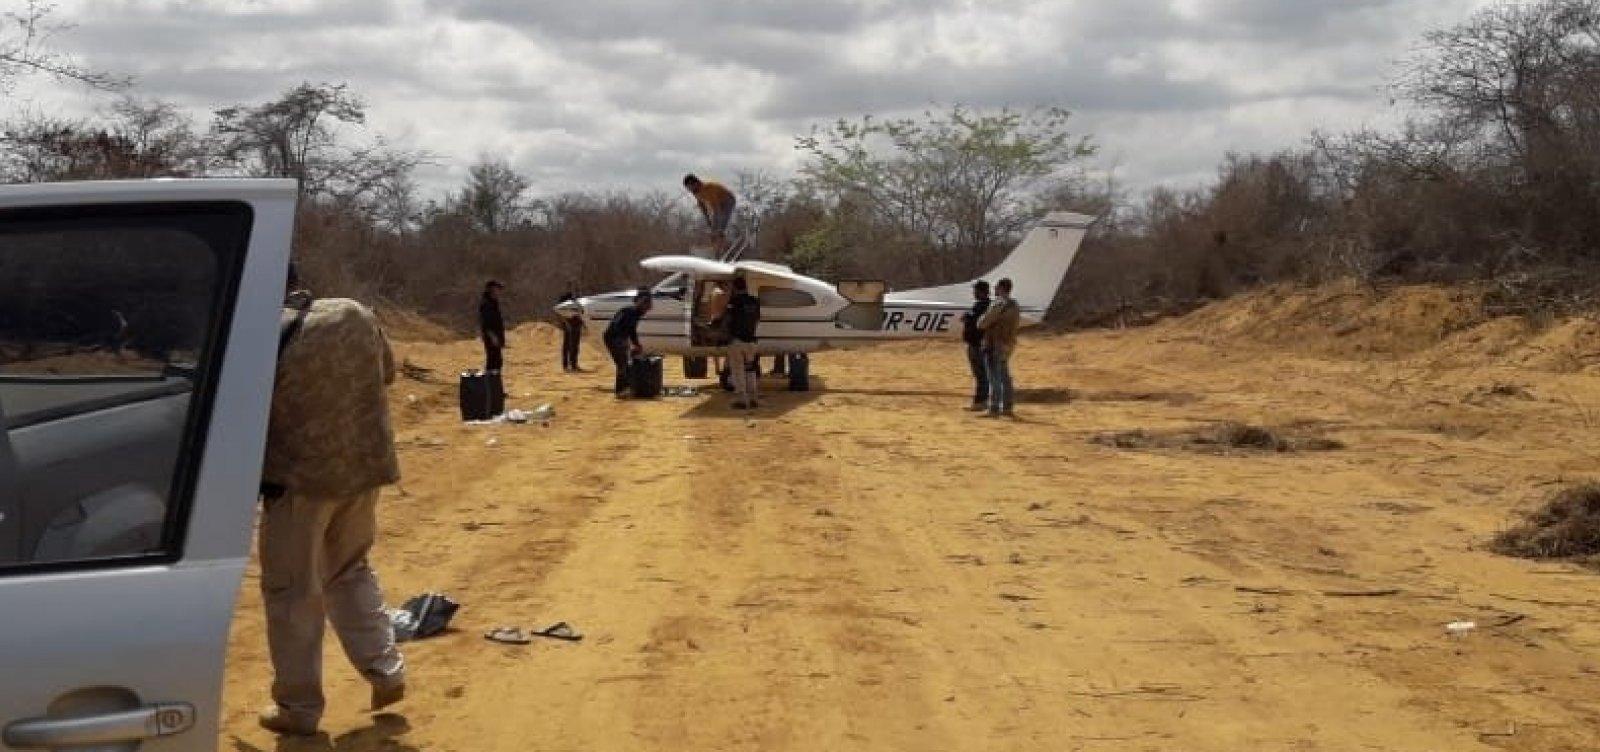 Polícia apreende avião envolvido em transporte interestadual de drogas